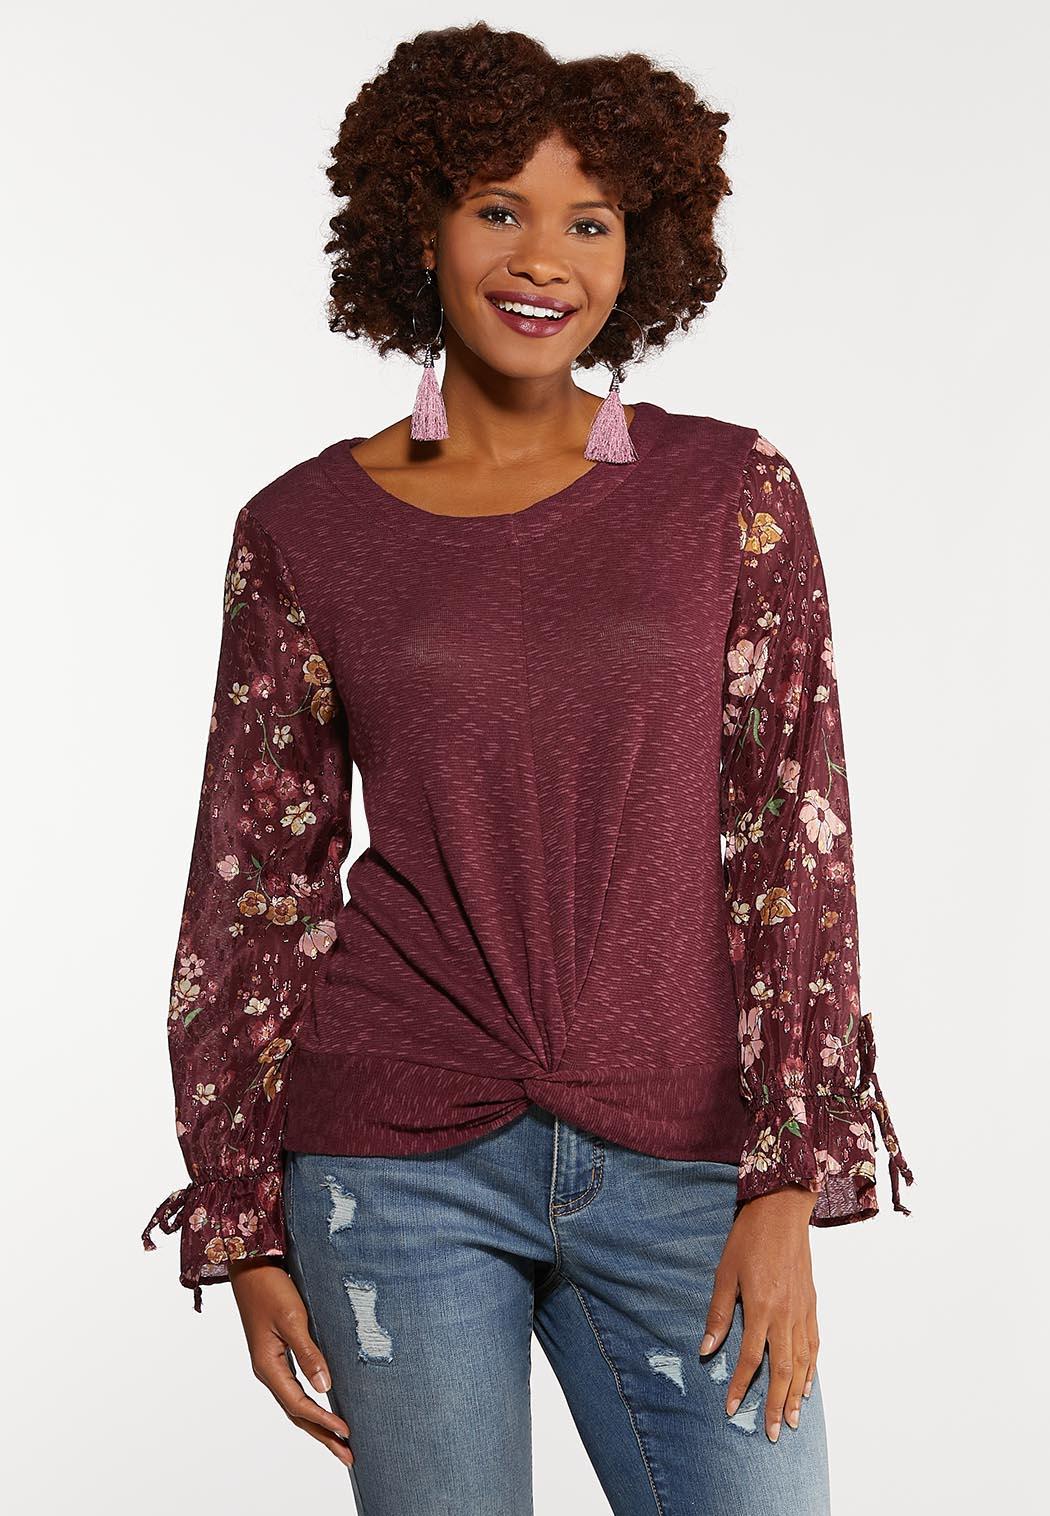 Floral Sleeve Twist Top